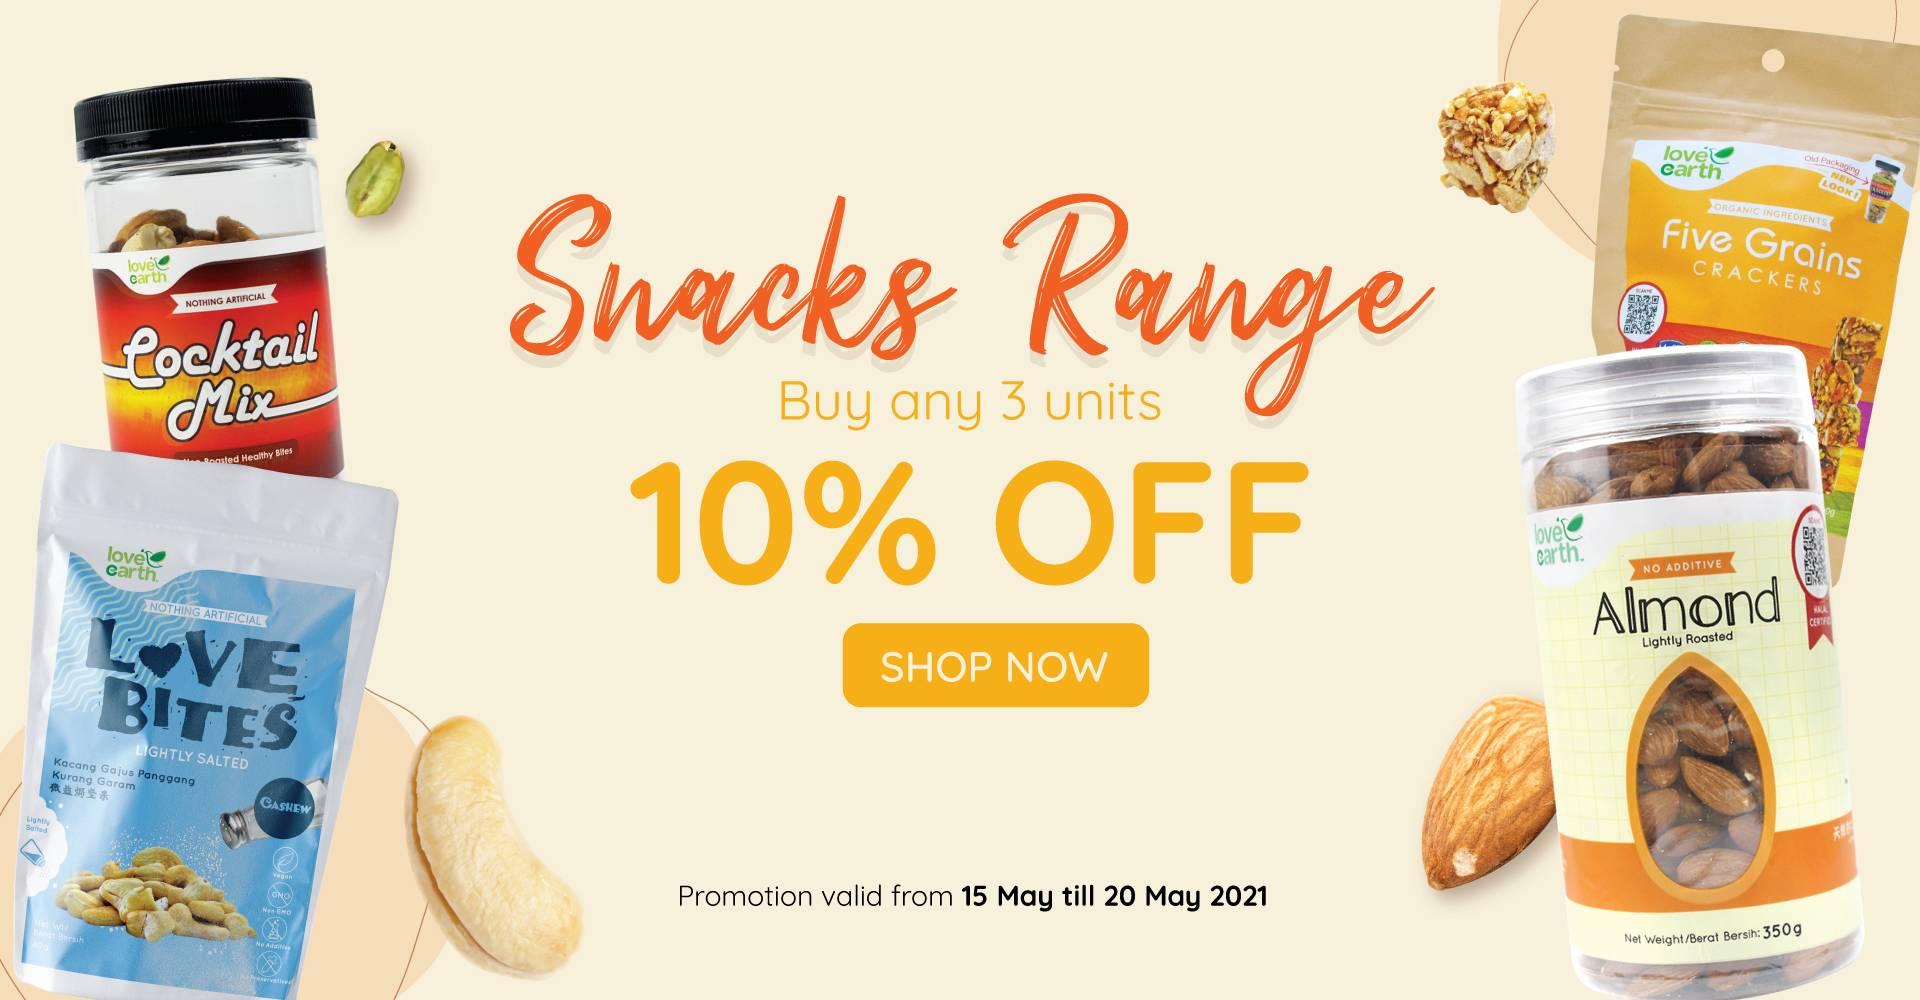 Snacks Range Buy 3 @ 10% Off